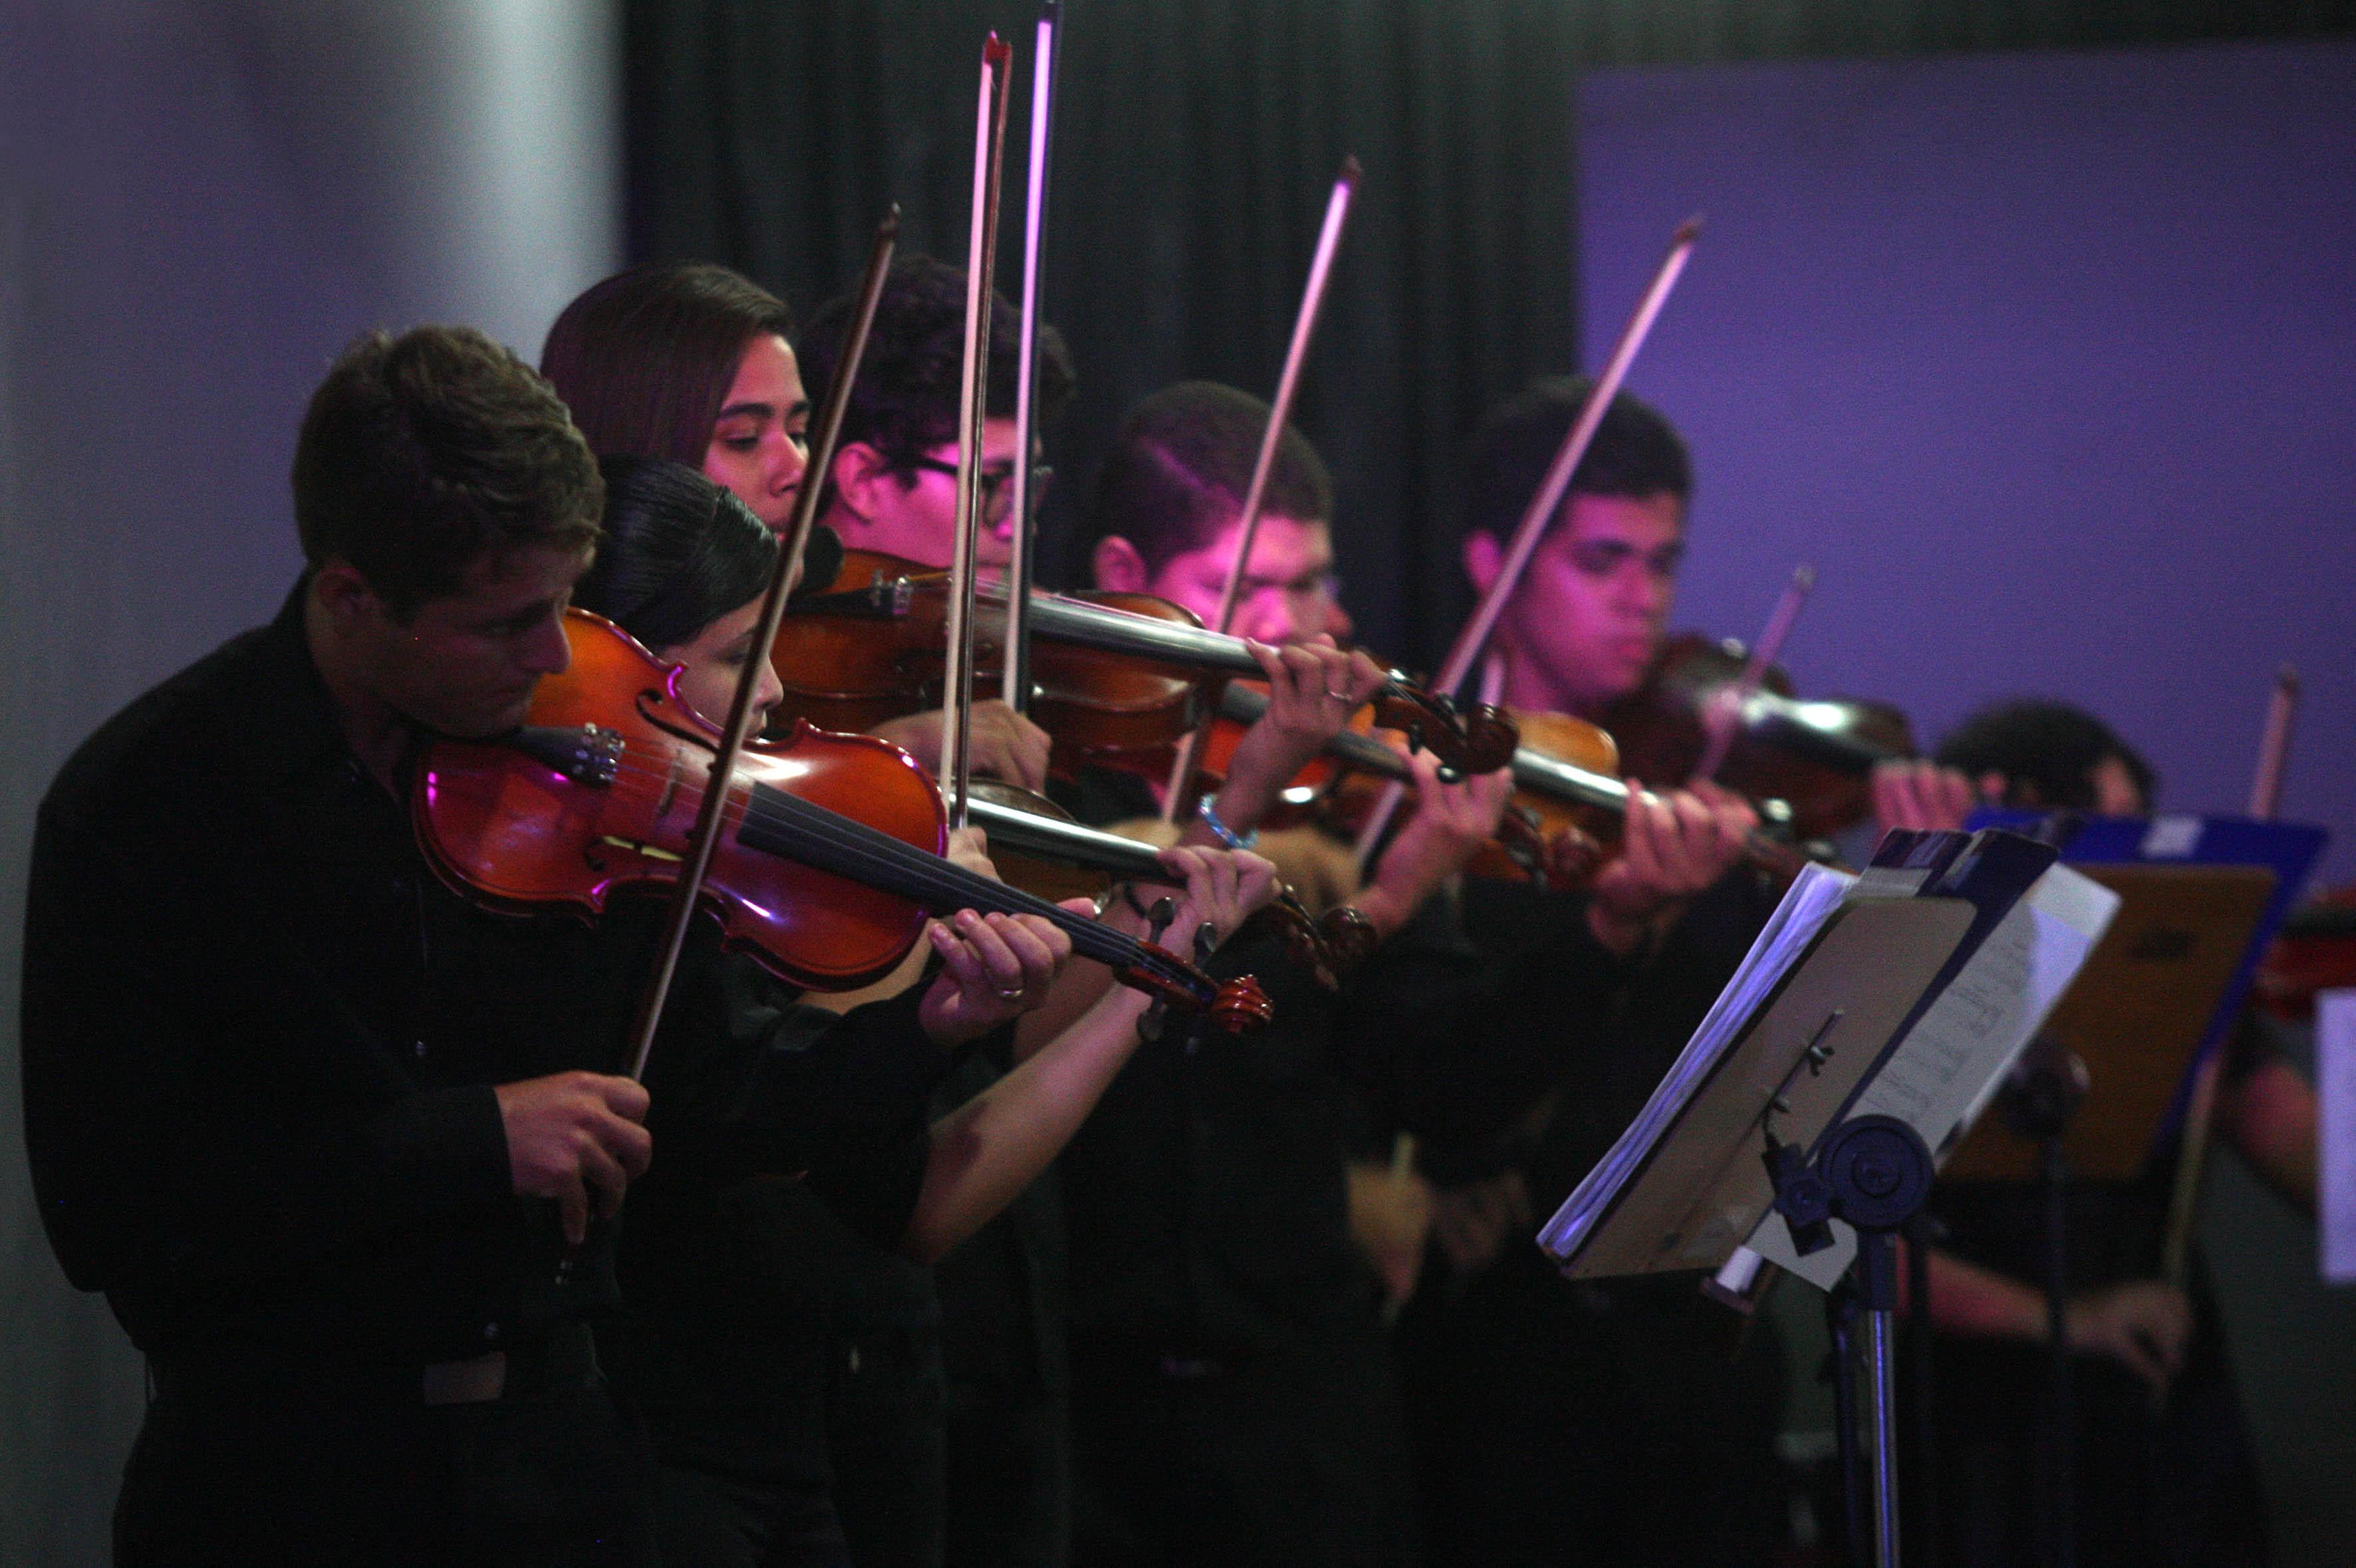 Banda Sinfônica da Emufpa se apresenta no Espaço São José Liberto